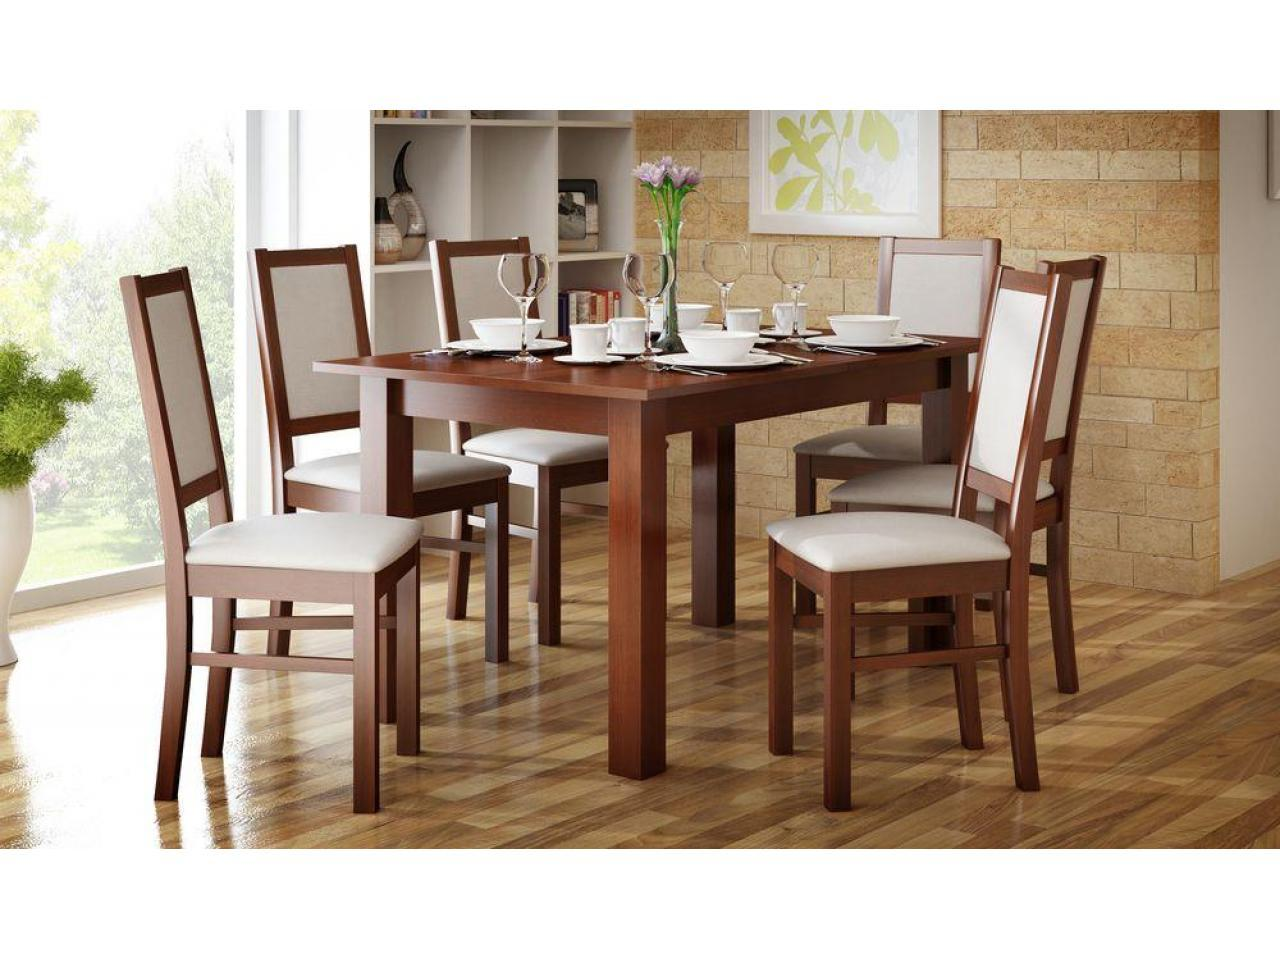 Furnipol - Польская мебель по доступным ценам - 4